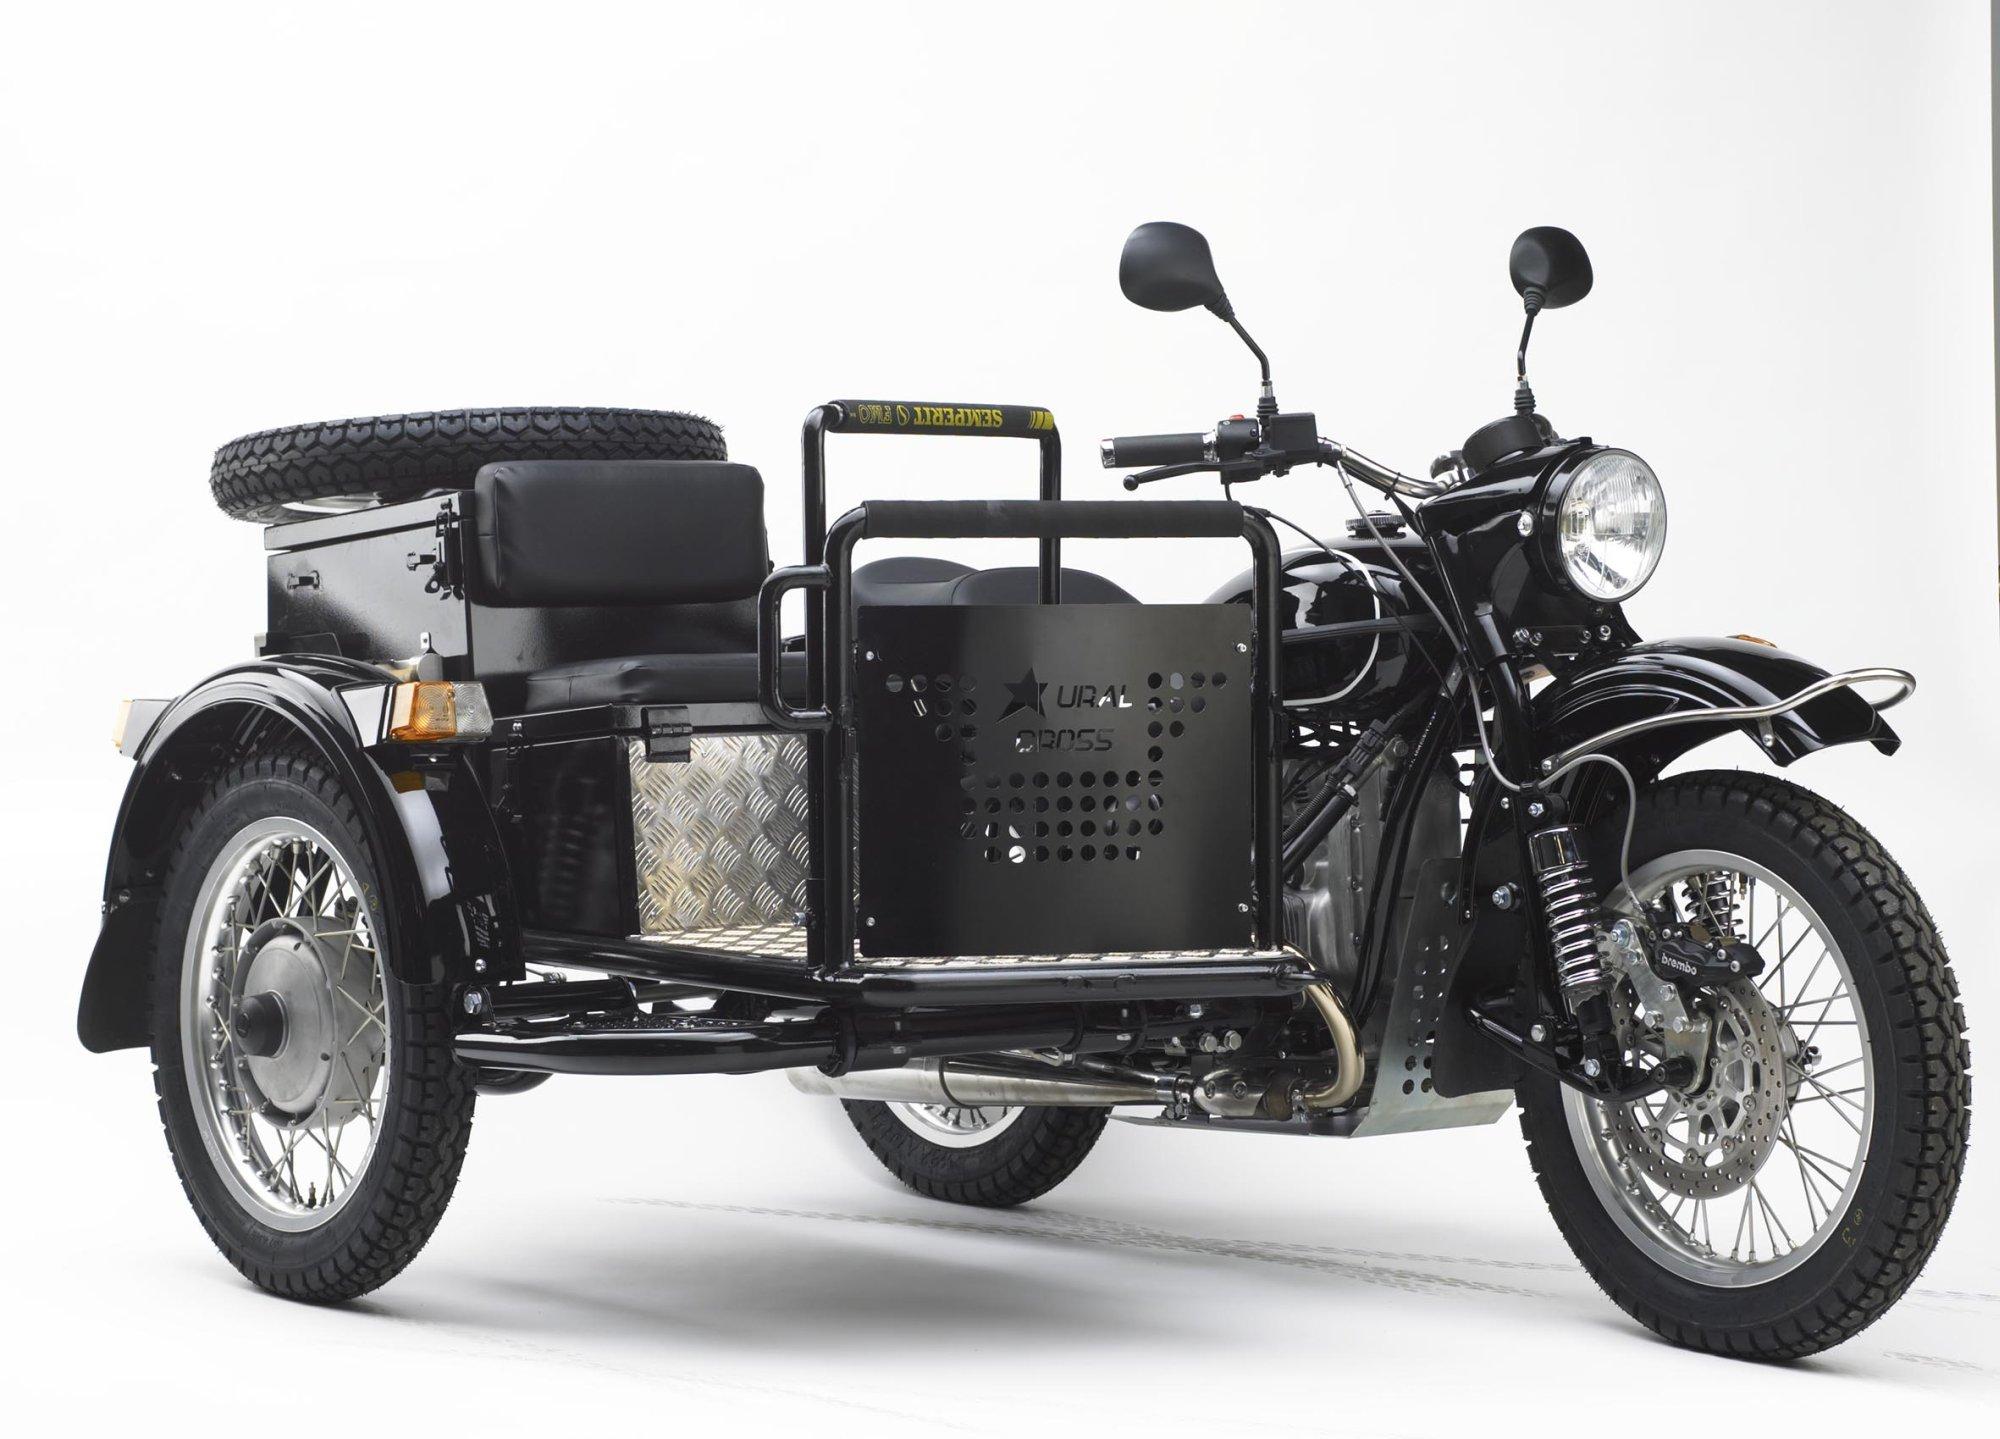 gebrauchte ural cross motorr der kaufen. Black Bedroom Furniture Sets. Home Design Ideas